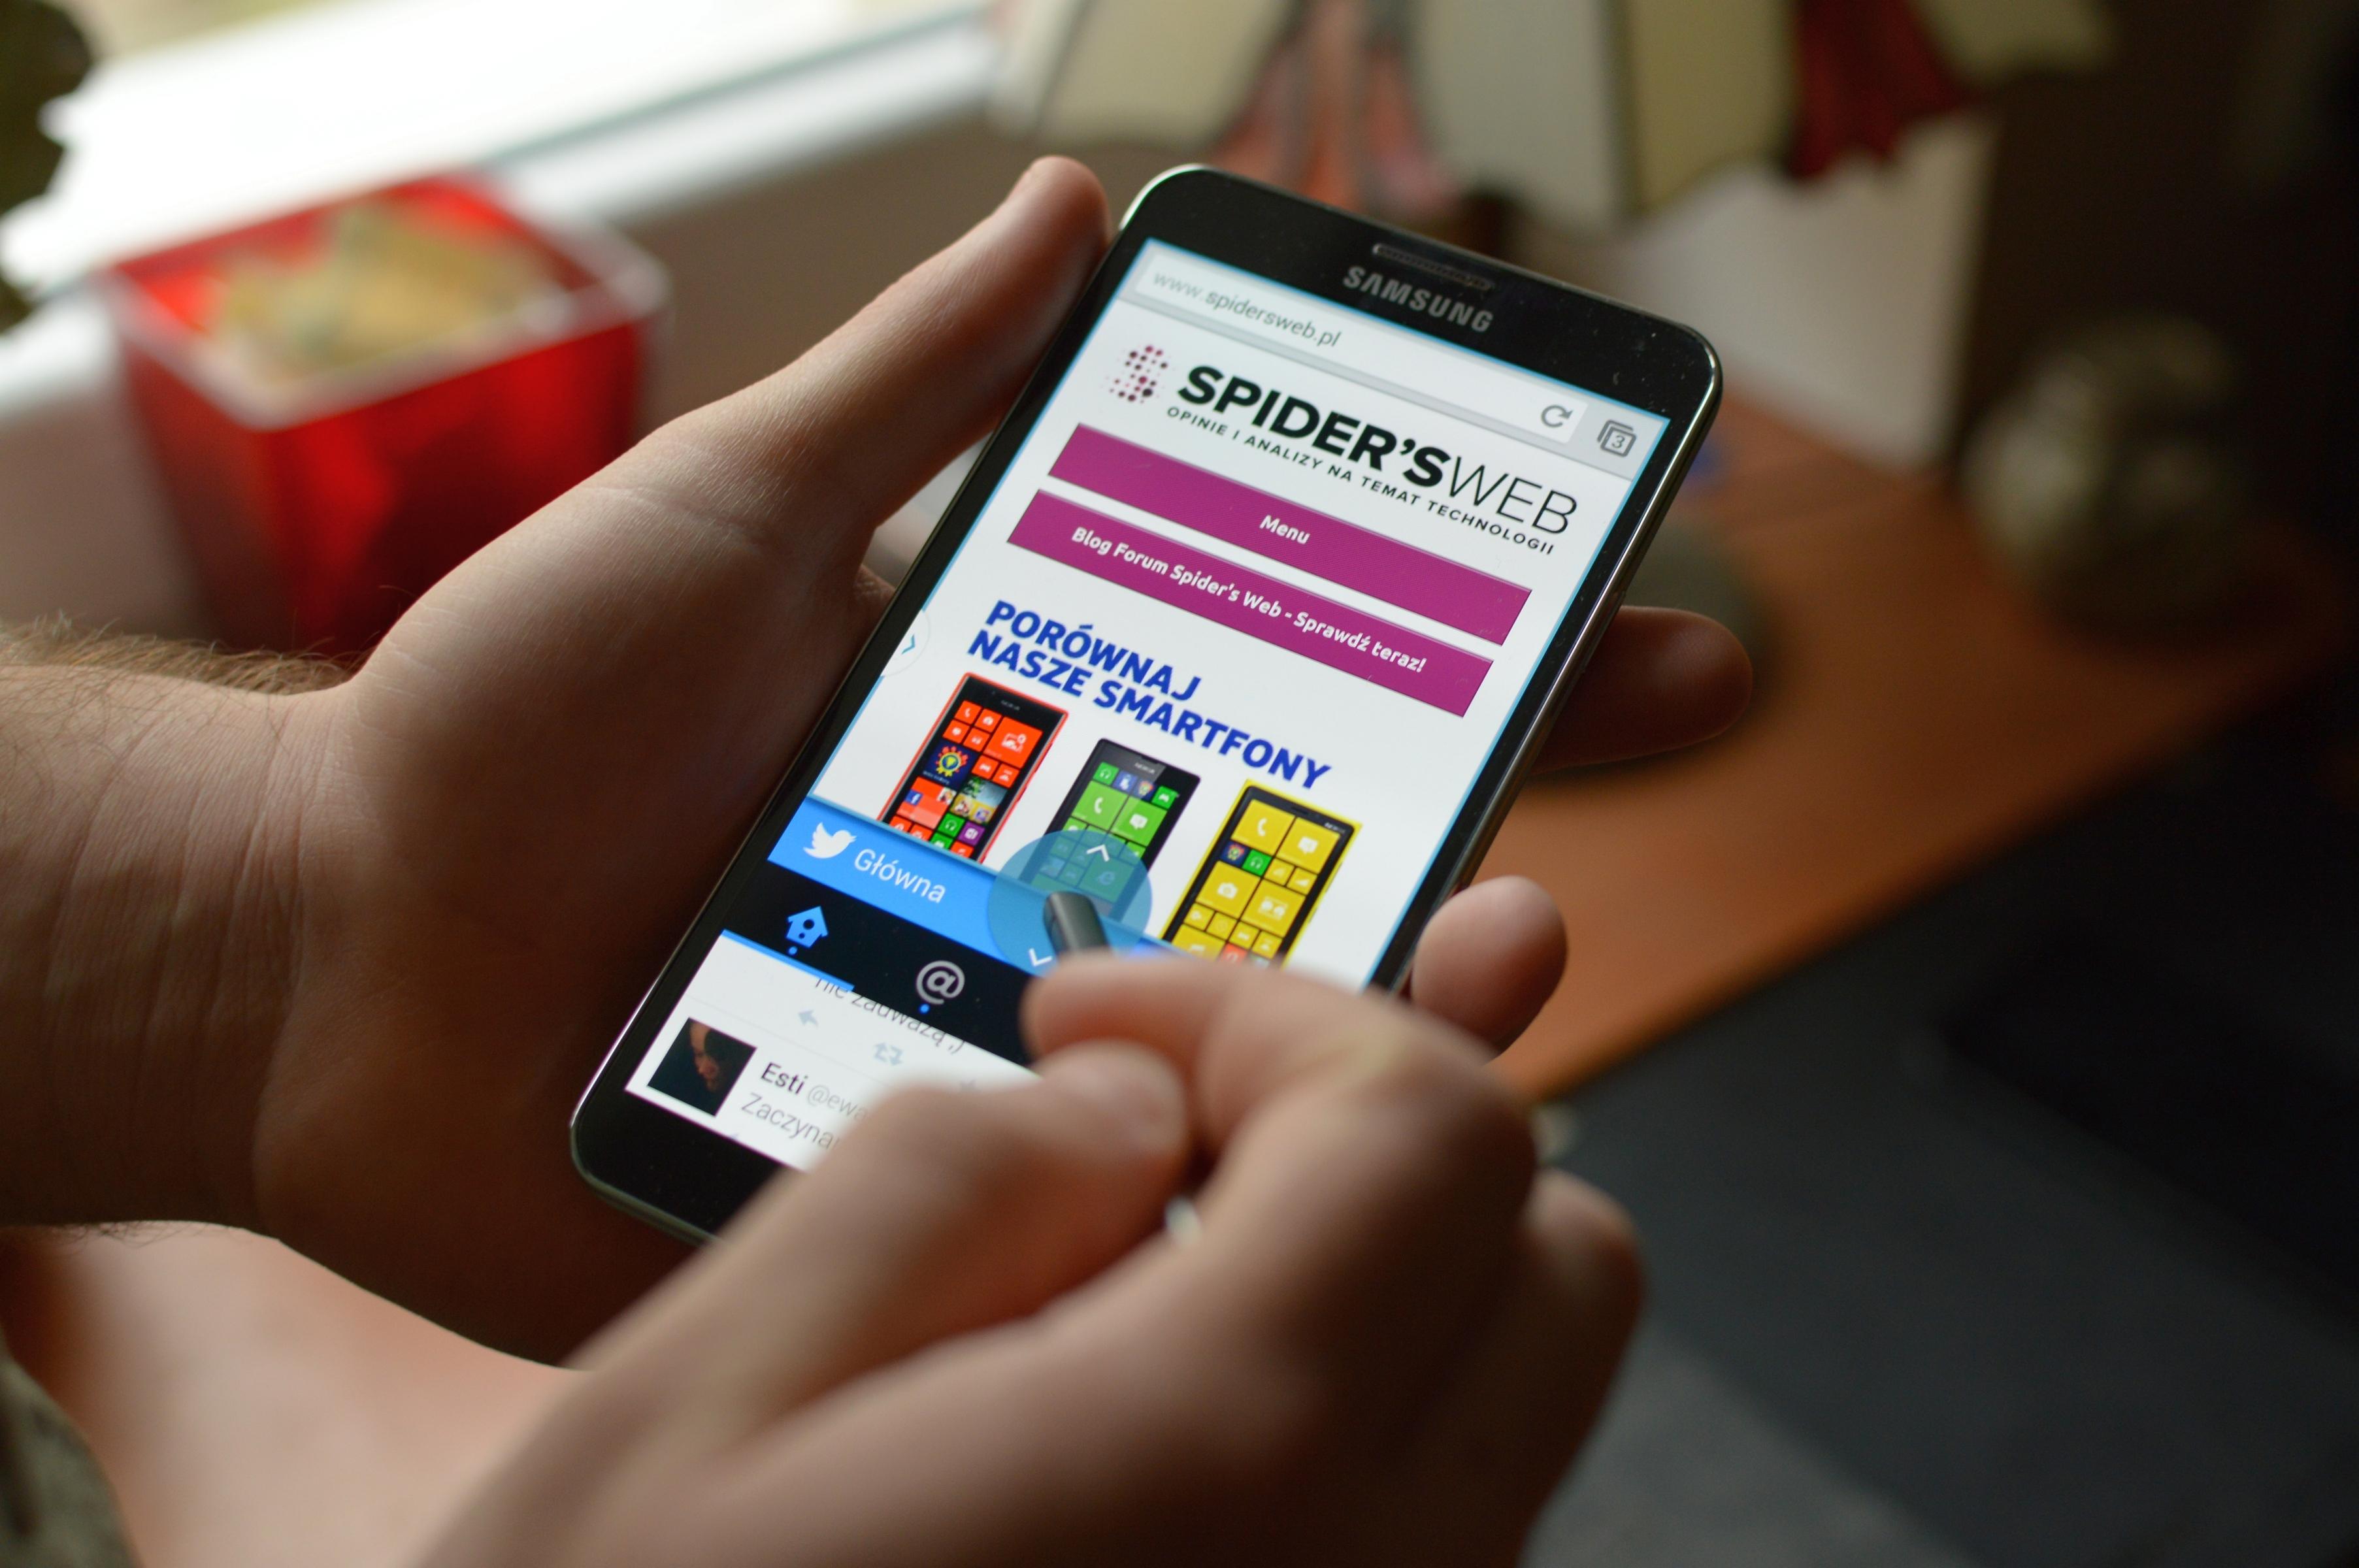 Użytkownicy Galaxy Note 3 wściekają się na Samsunga. I słusznie, bo Koreańczycy prowadzą bardzo ryzykowną grę